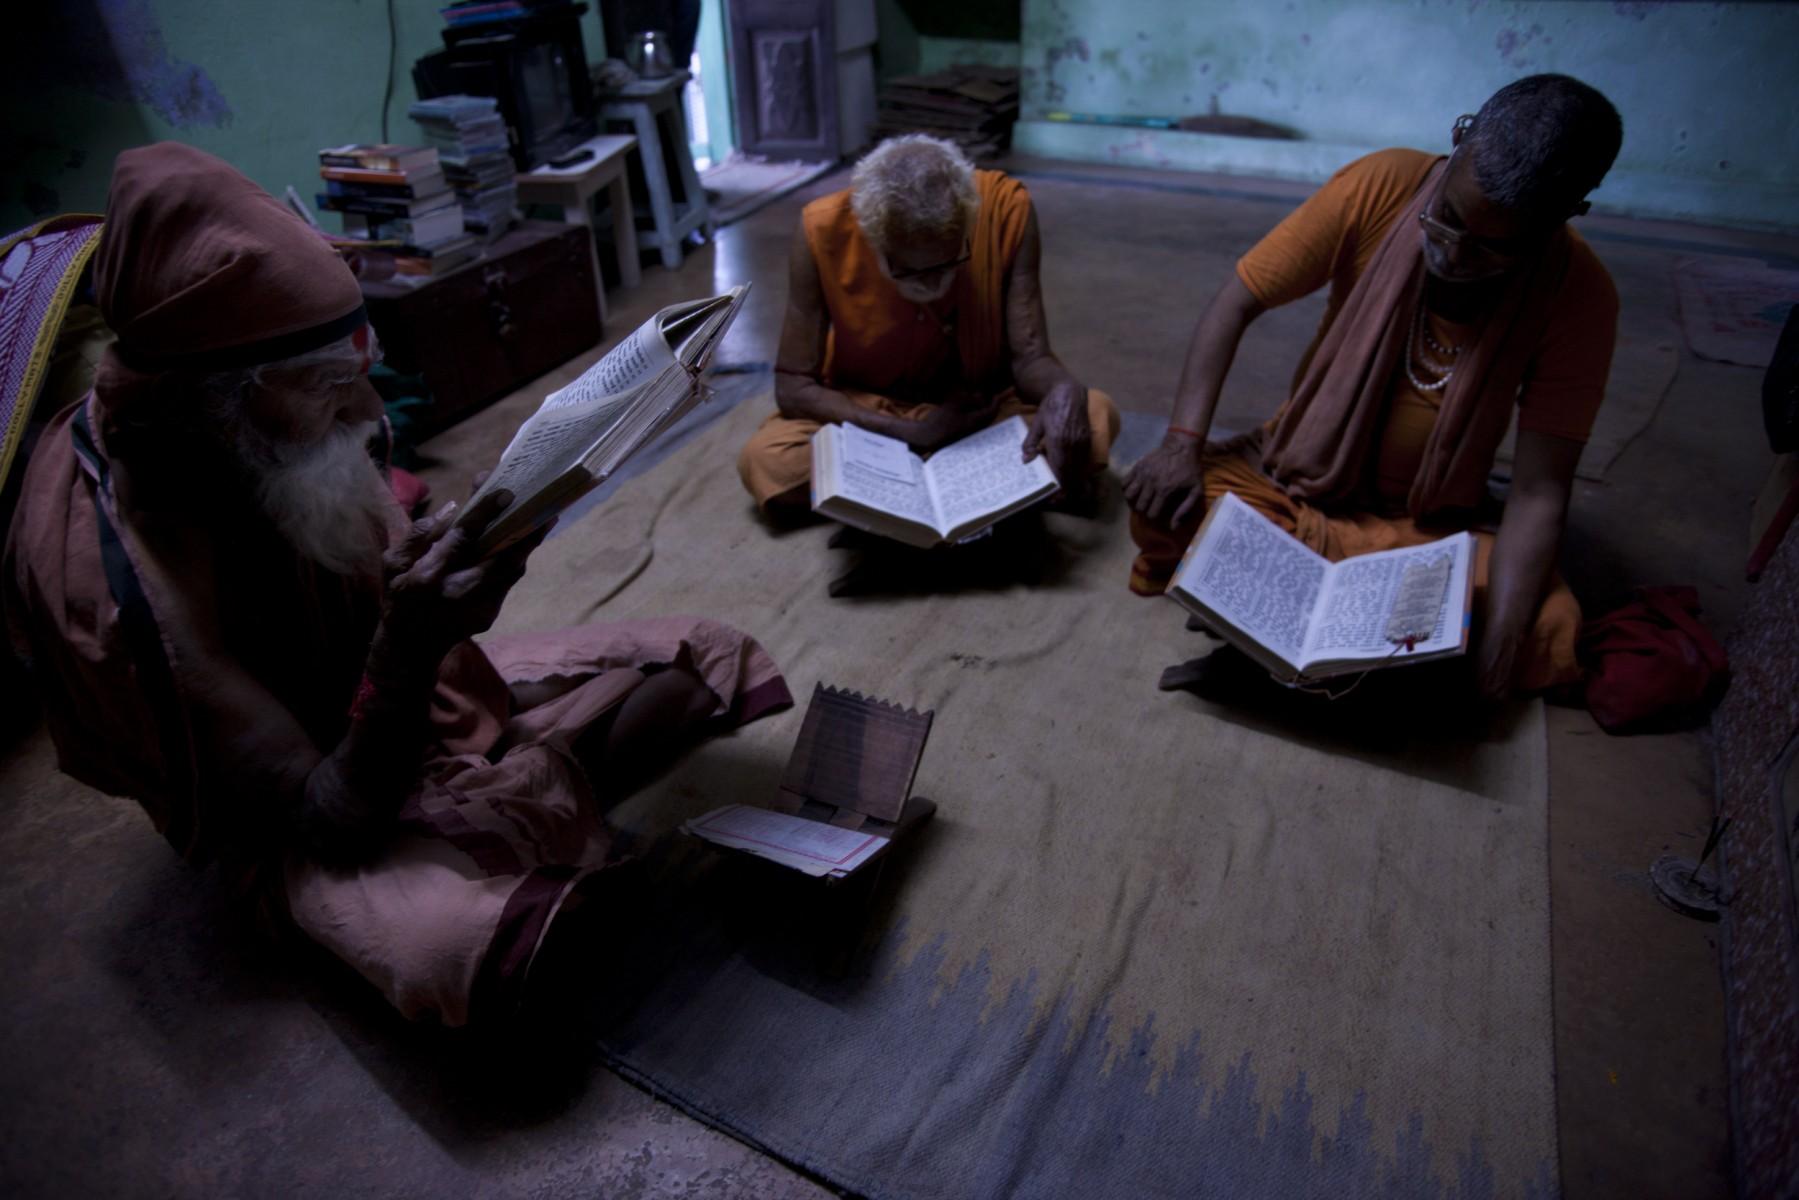 Ramayana reading Varanasi